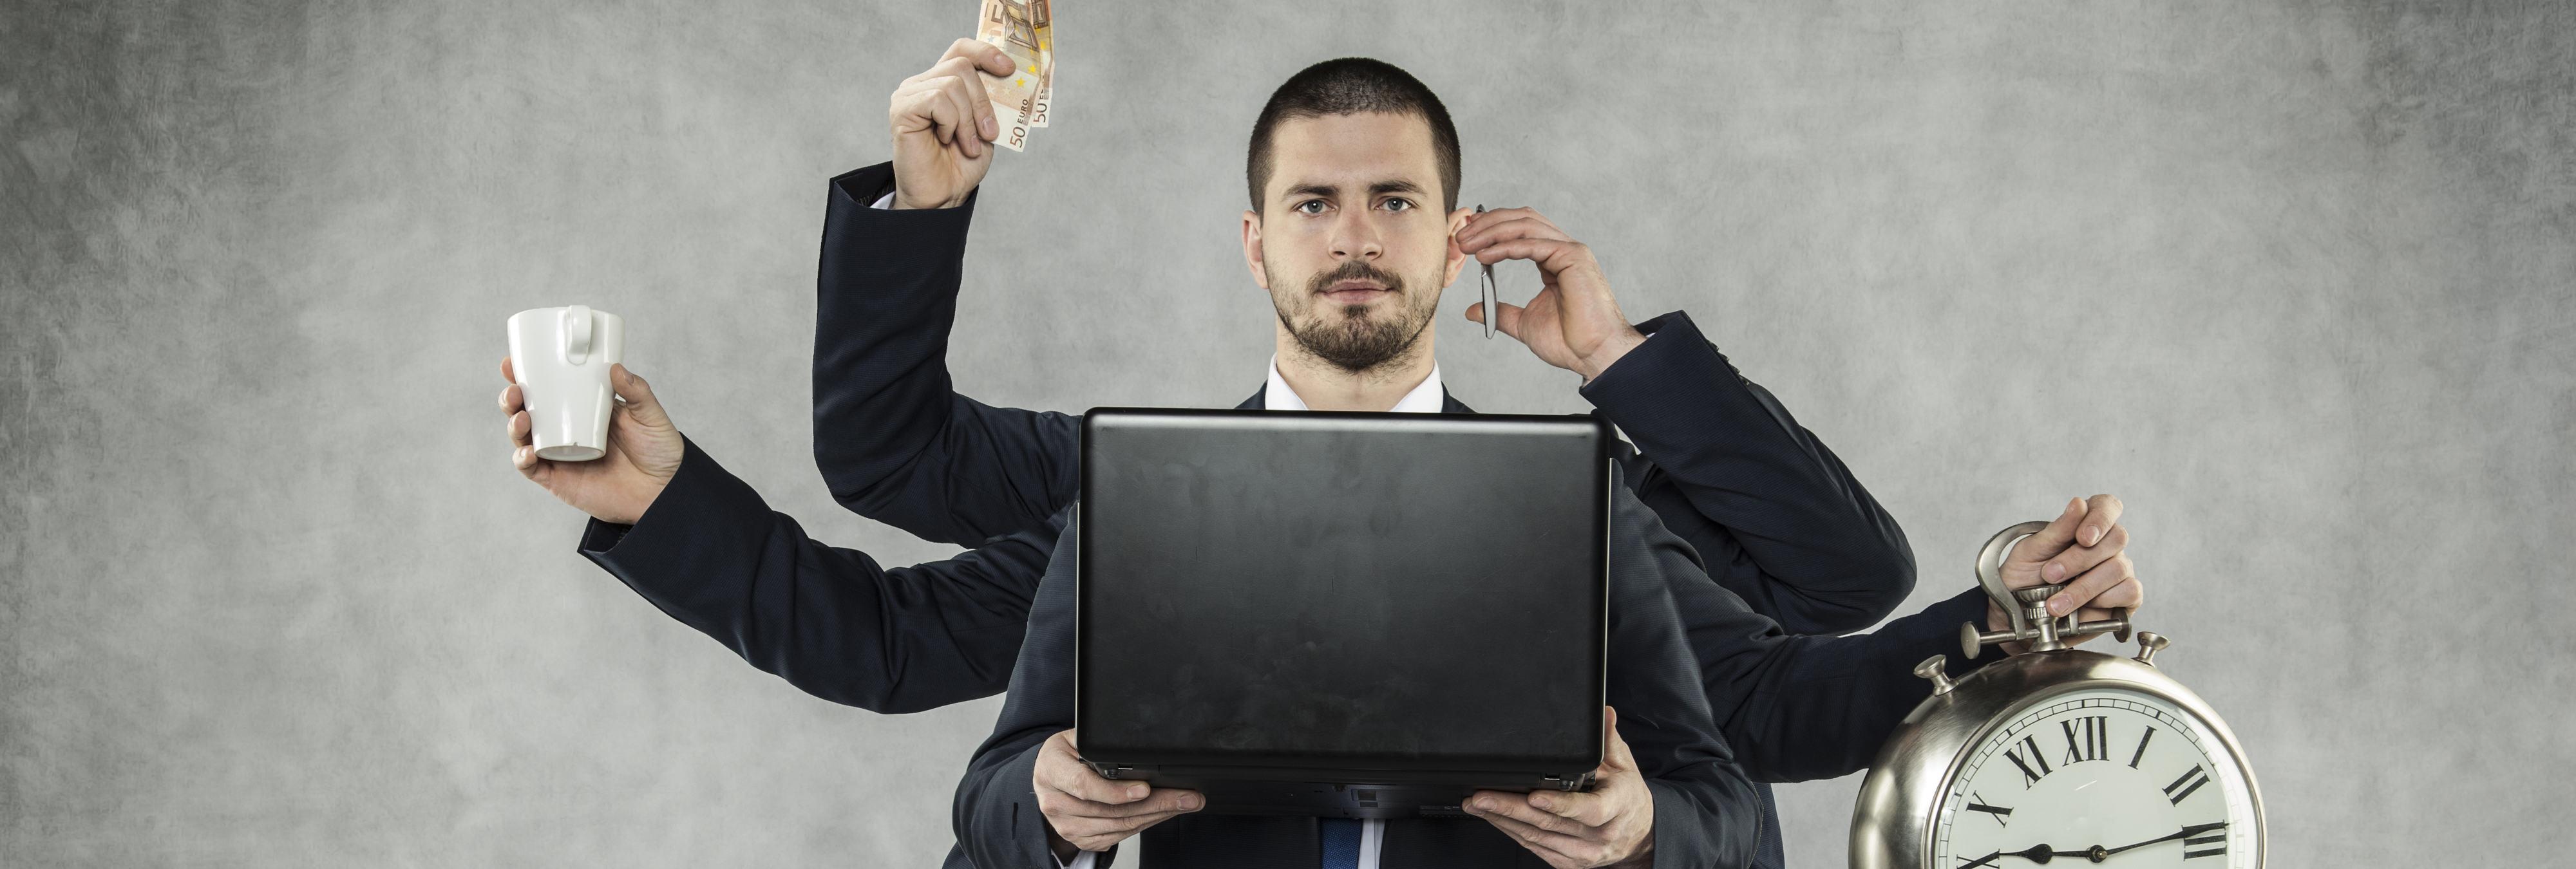 7 trucos para aumentar la productividad en el trabajo